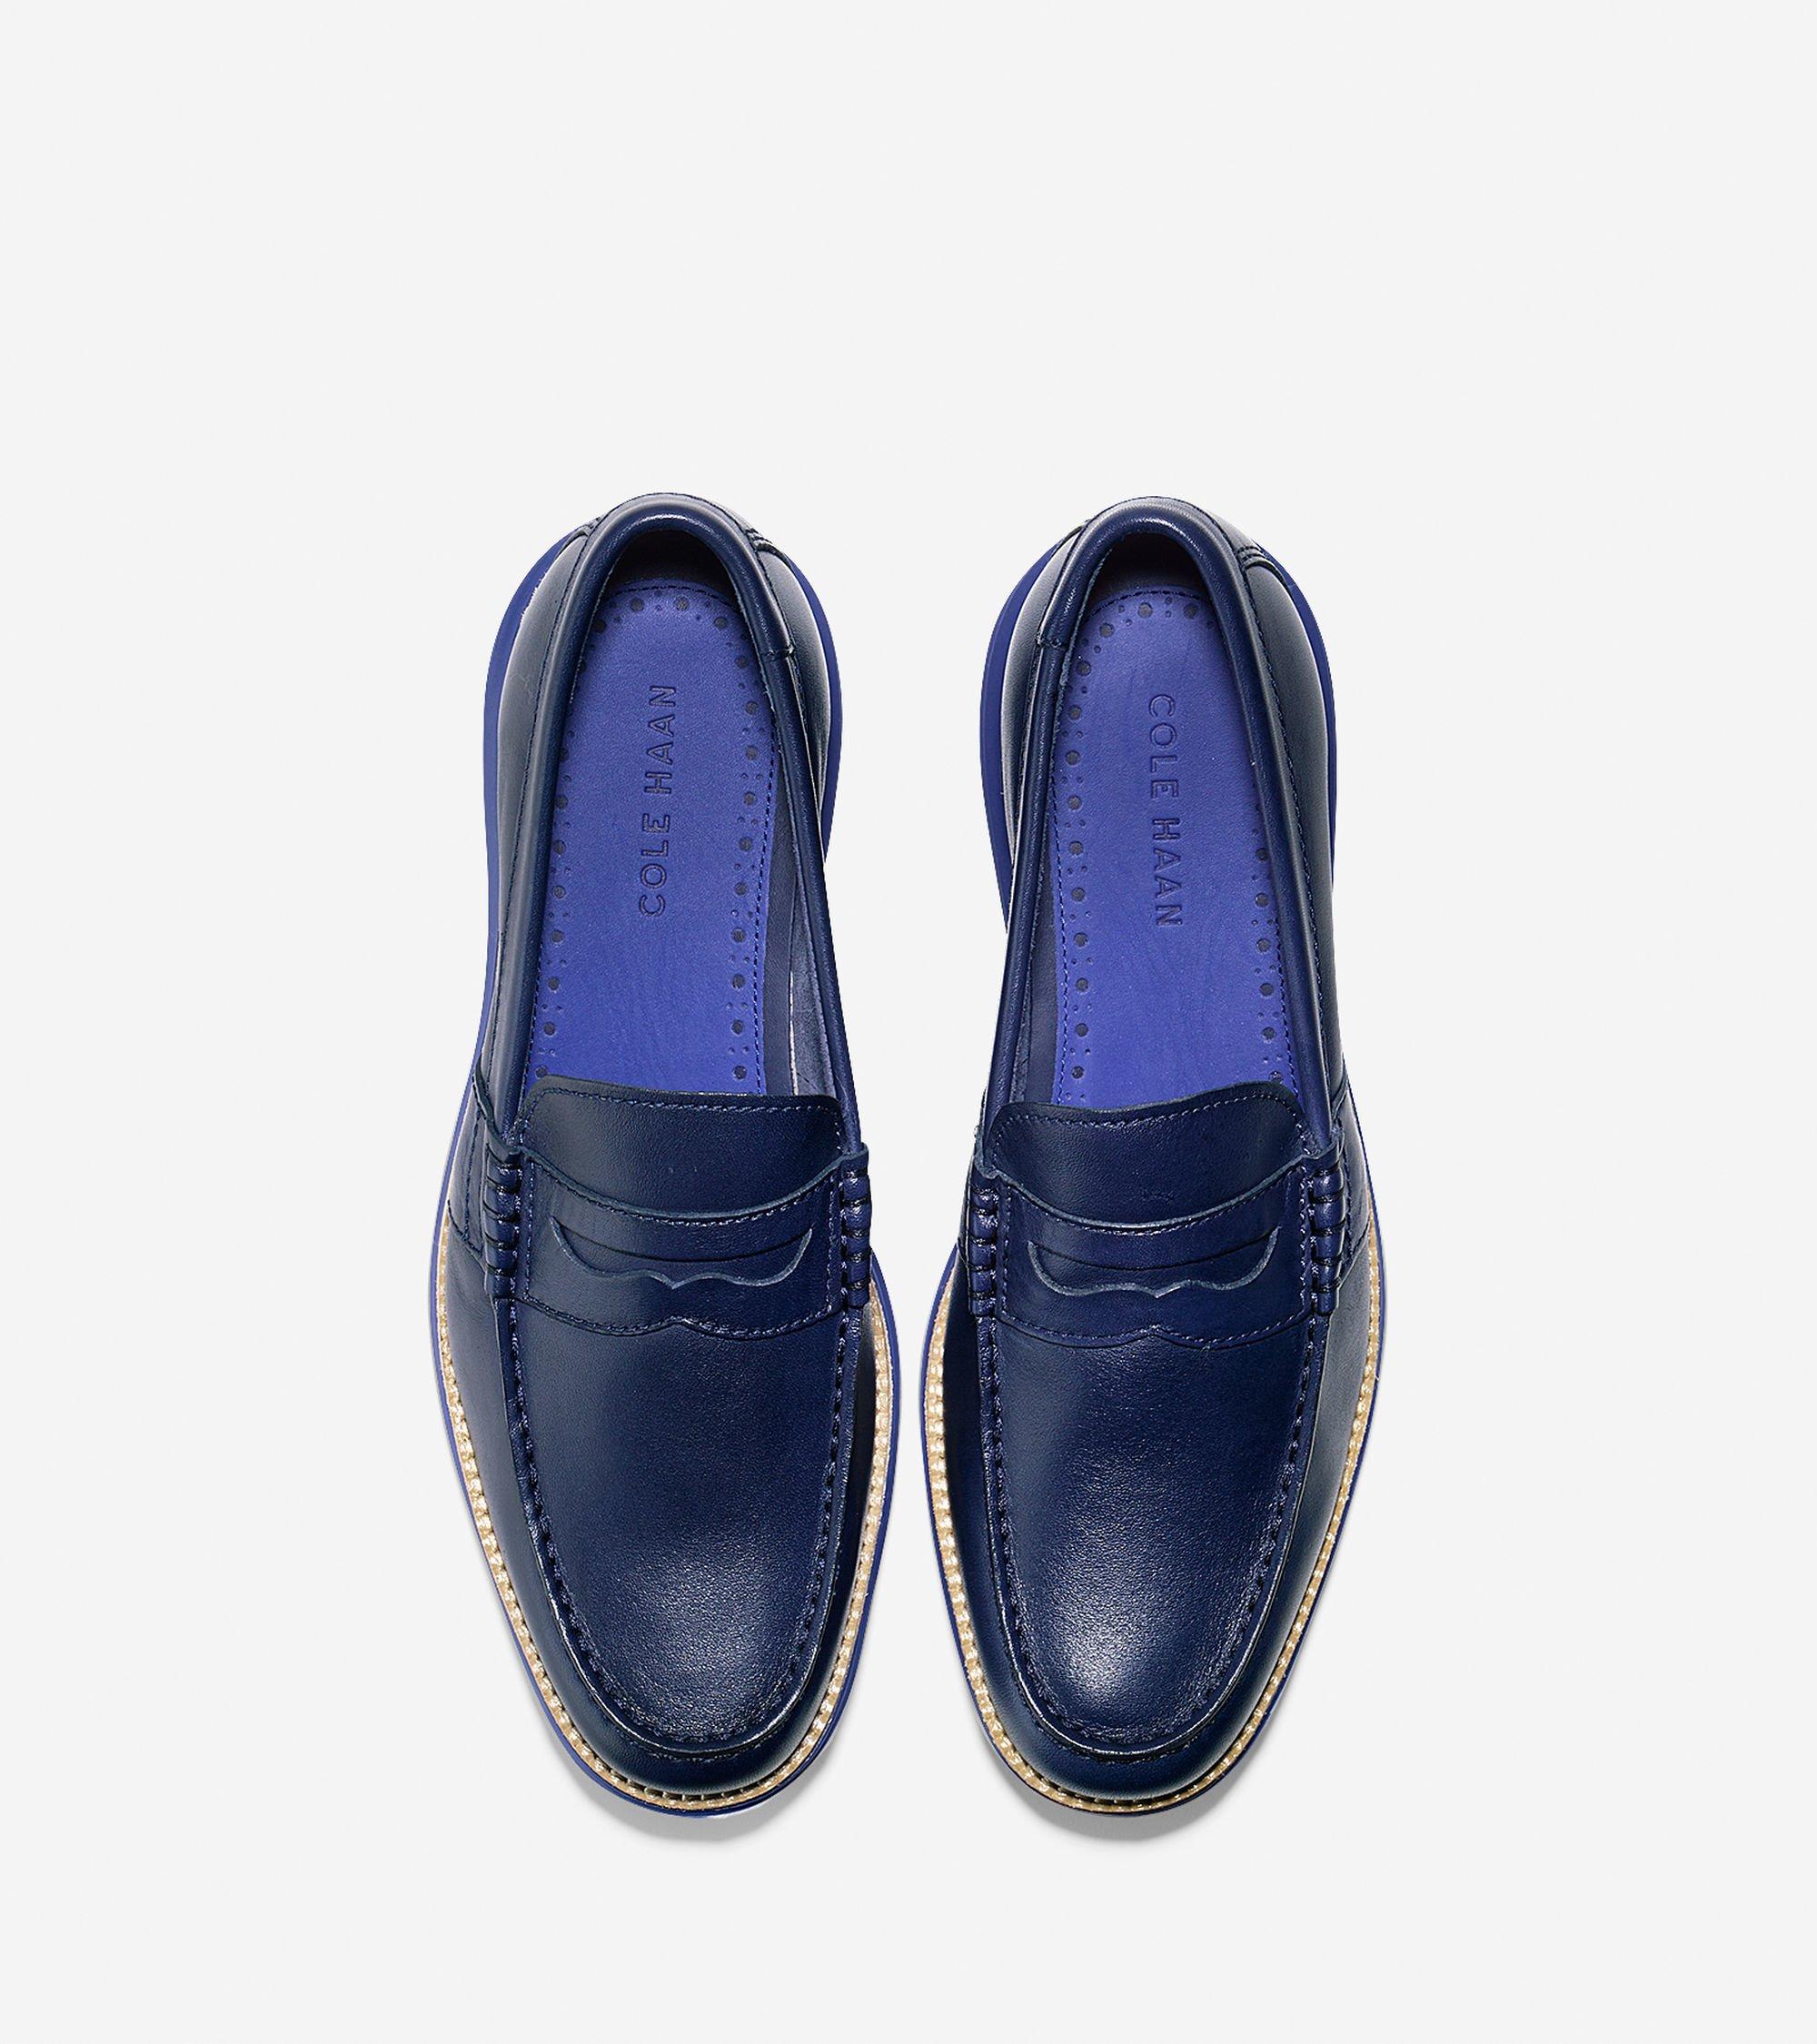 Lyst - Cole Haan Lunargrand Penny Loafer in Blue for Men